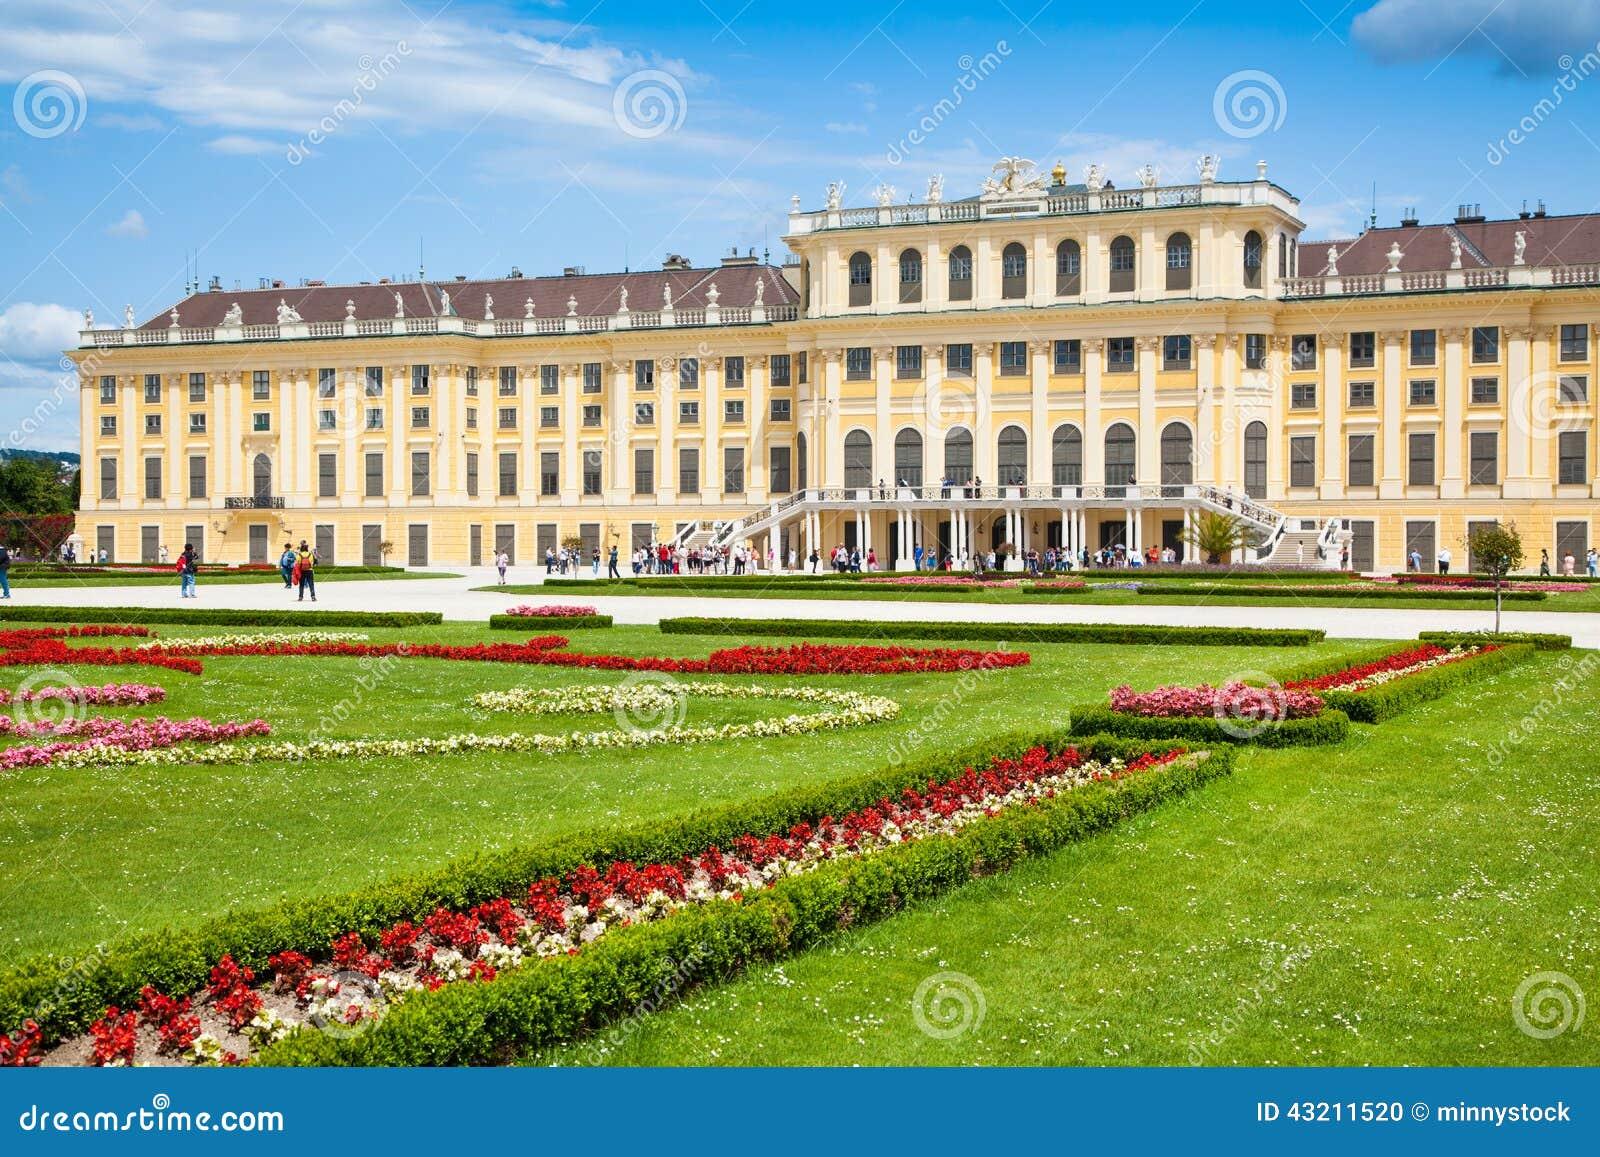 Palácio de Schonbrunn com o grande jardim do Parterre em Viena, Áustria